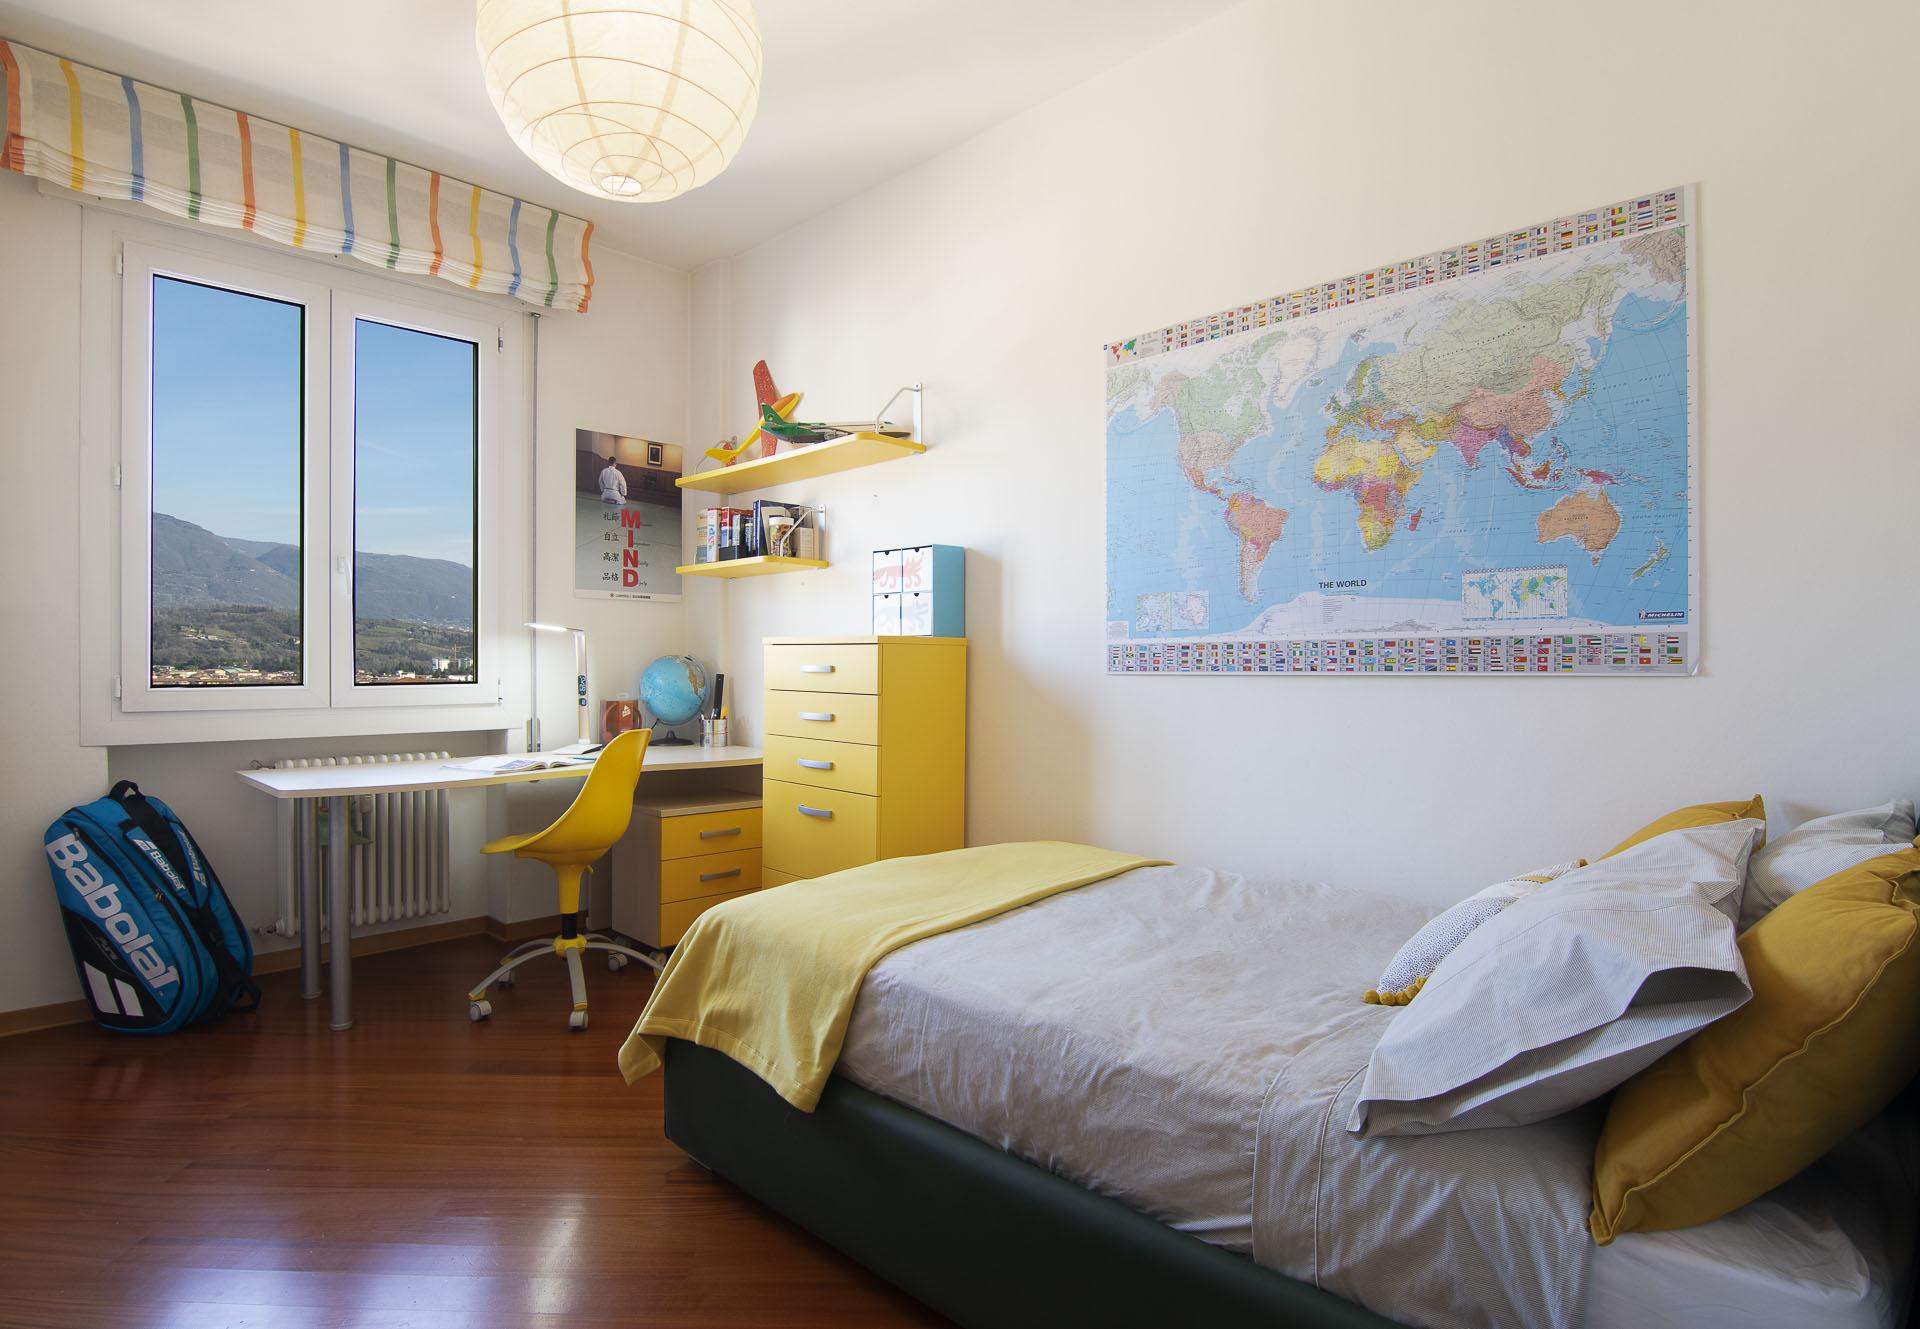 Vendere casa Treviso